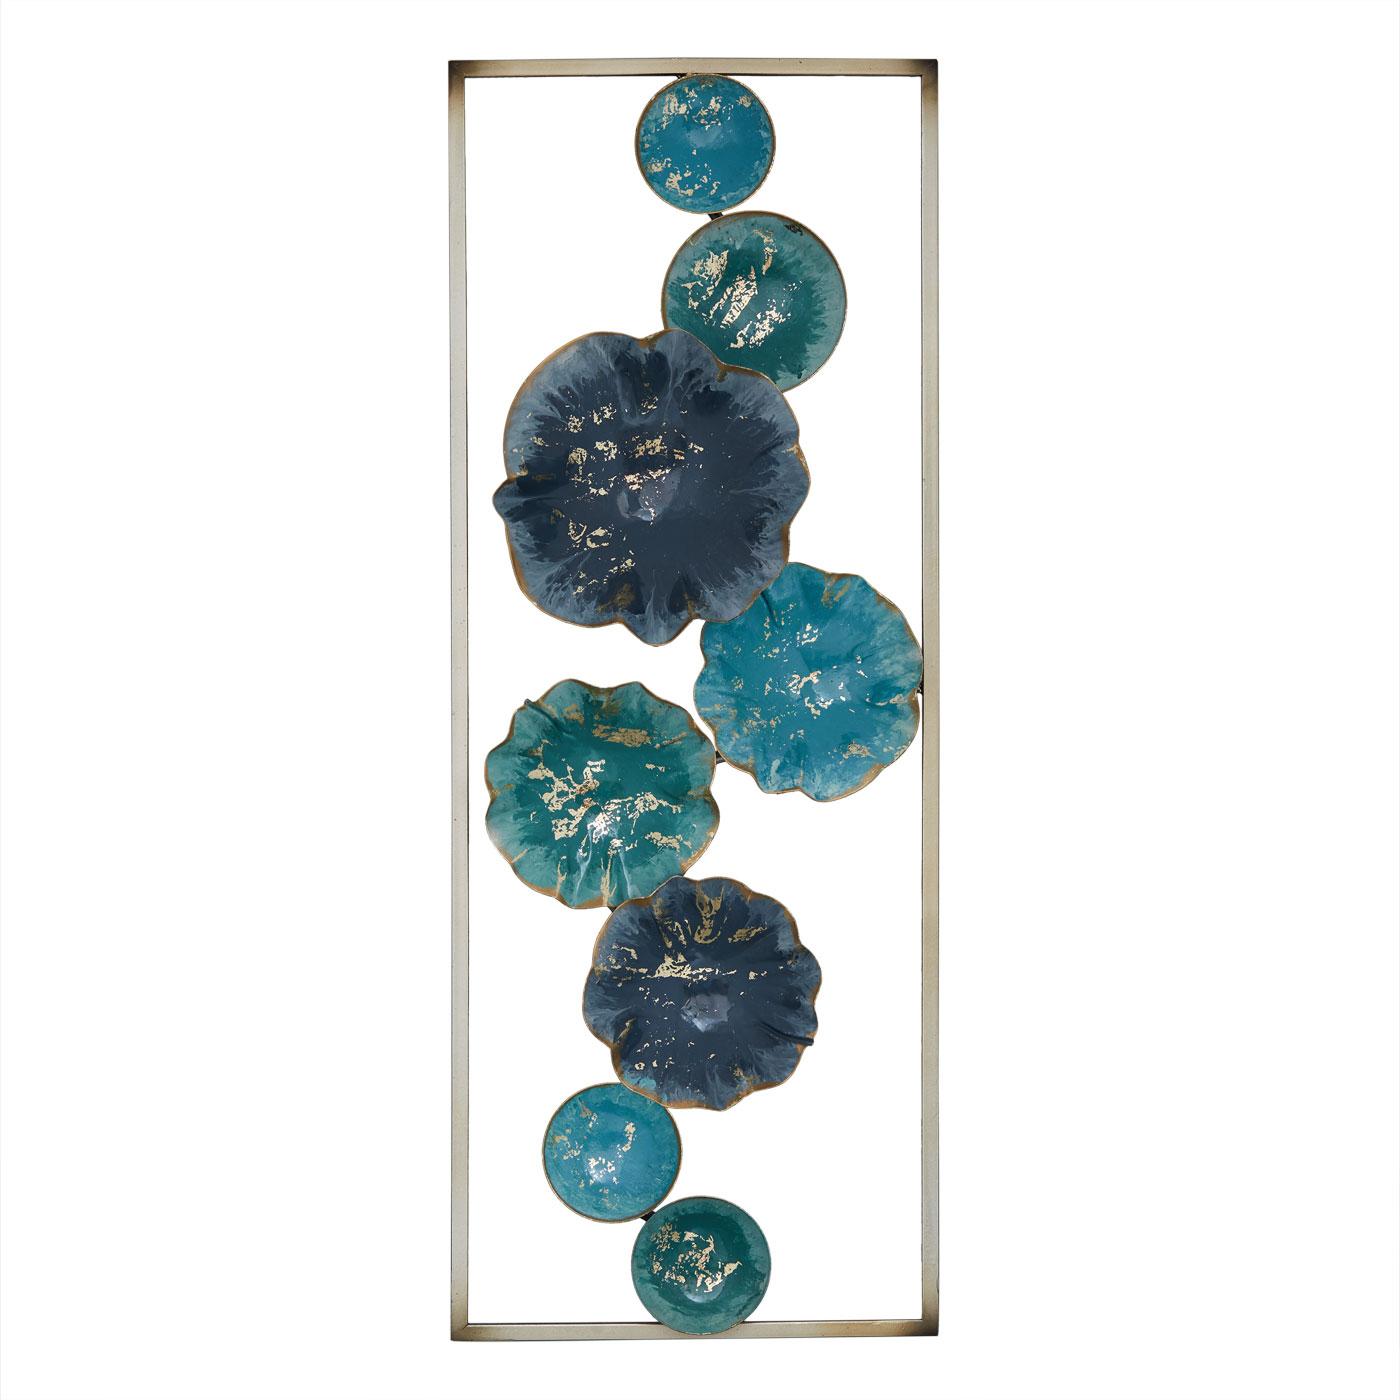 Купить Картины, постеры, гобелены, панно Home Philosophy, Настенный декор Spana Цвет: Сине-Голубой (29х75 см), Китай, Металл